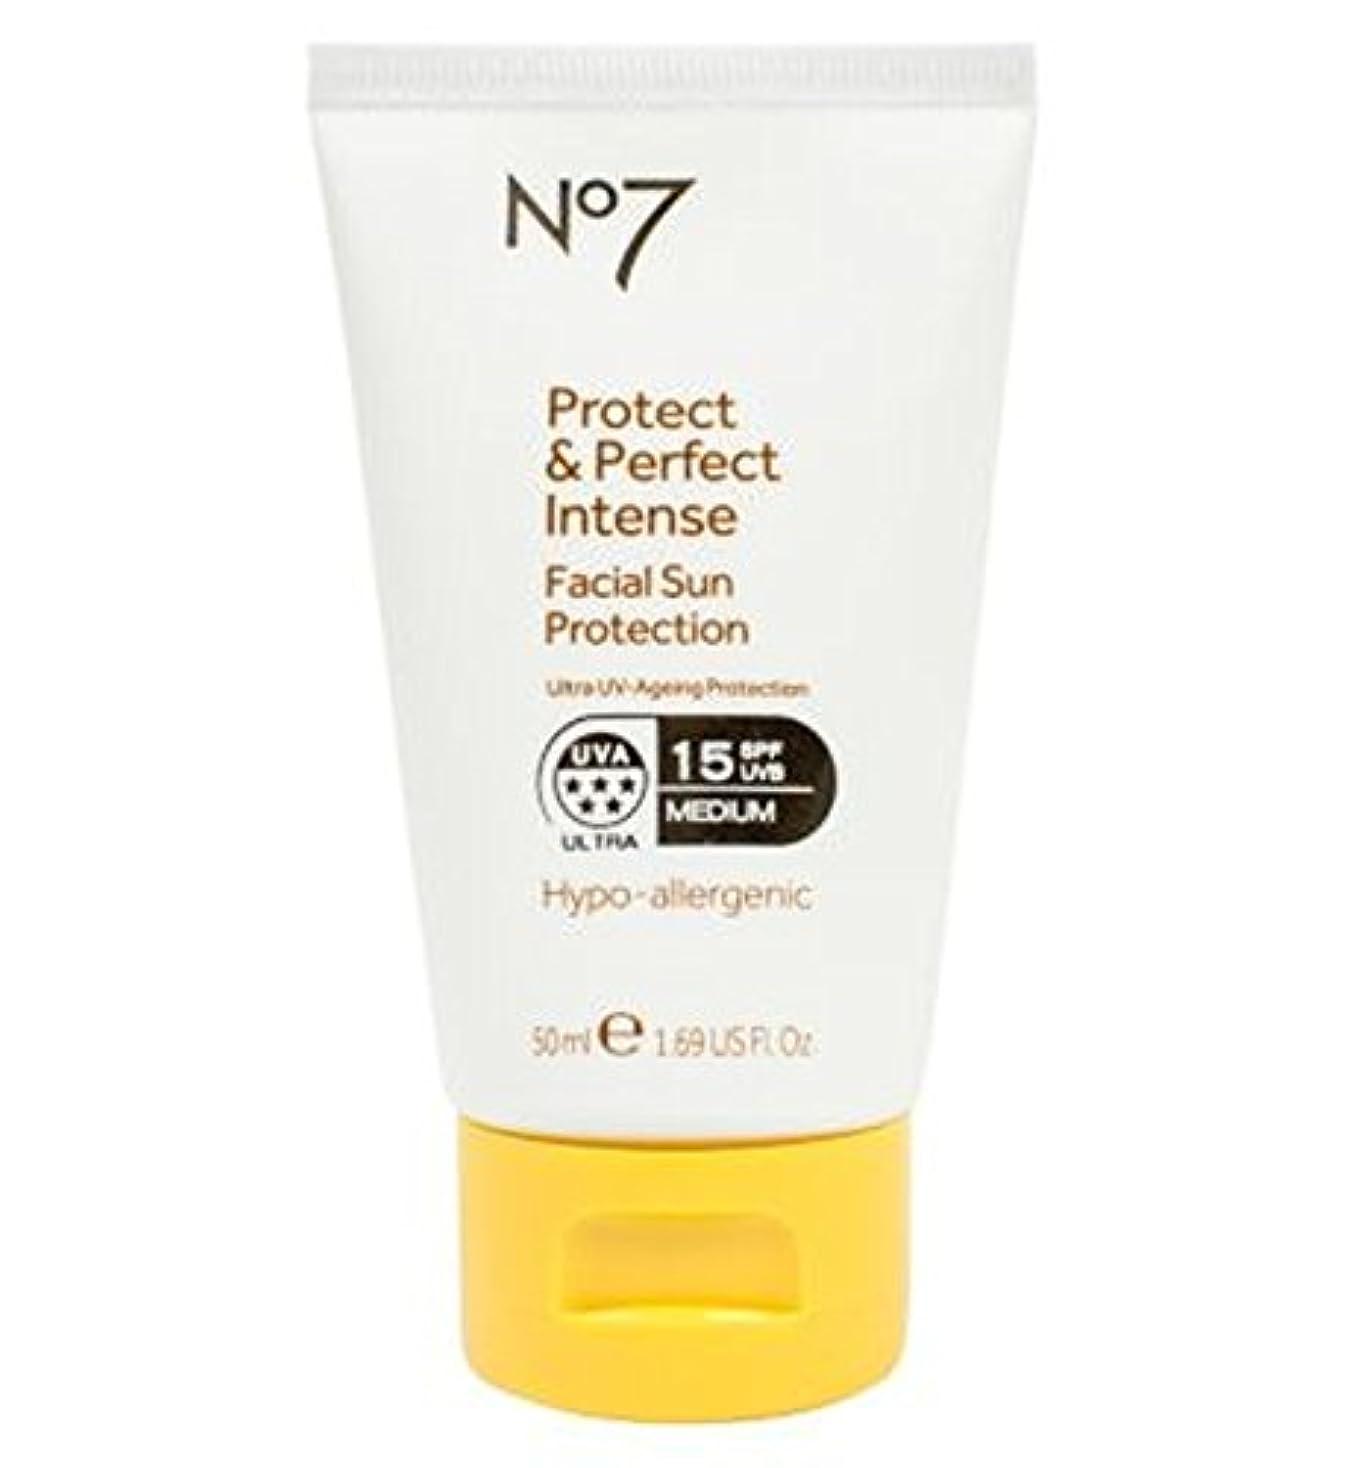 ロック解除謝る夜の動物園No7保護&完璧な強烈な顔の日焼け防止Spf 15 50ミリリットル (No7) (x2) - No7 Protect & Perfect Intense Facial Sun Protection SPF 15 50ml...